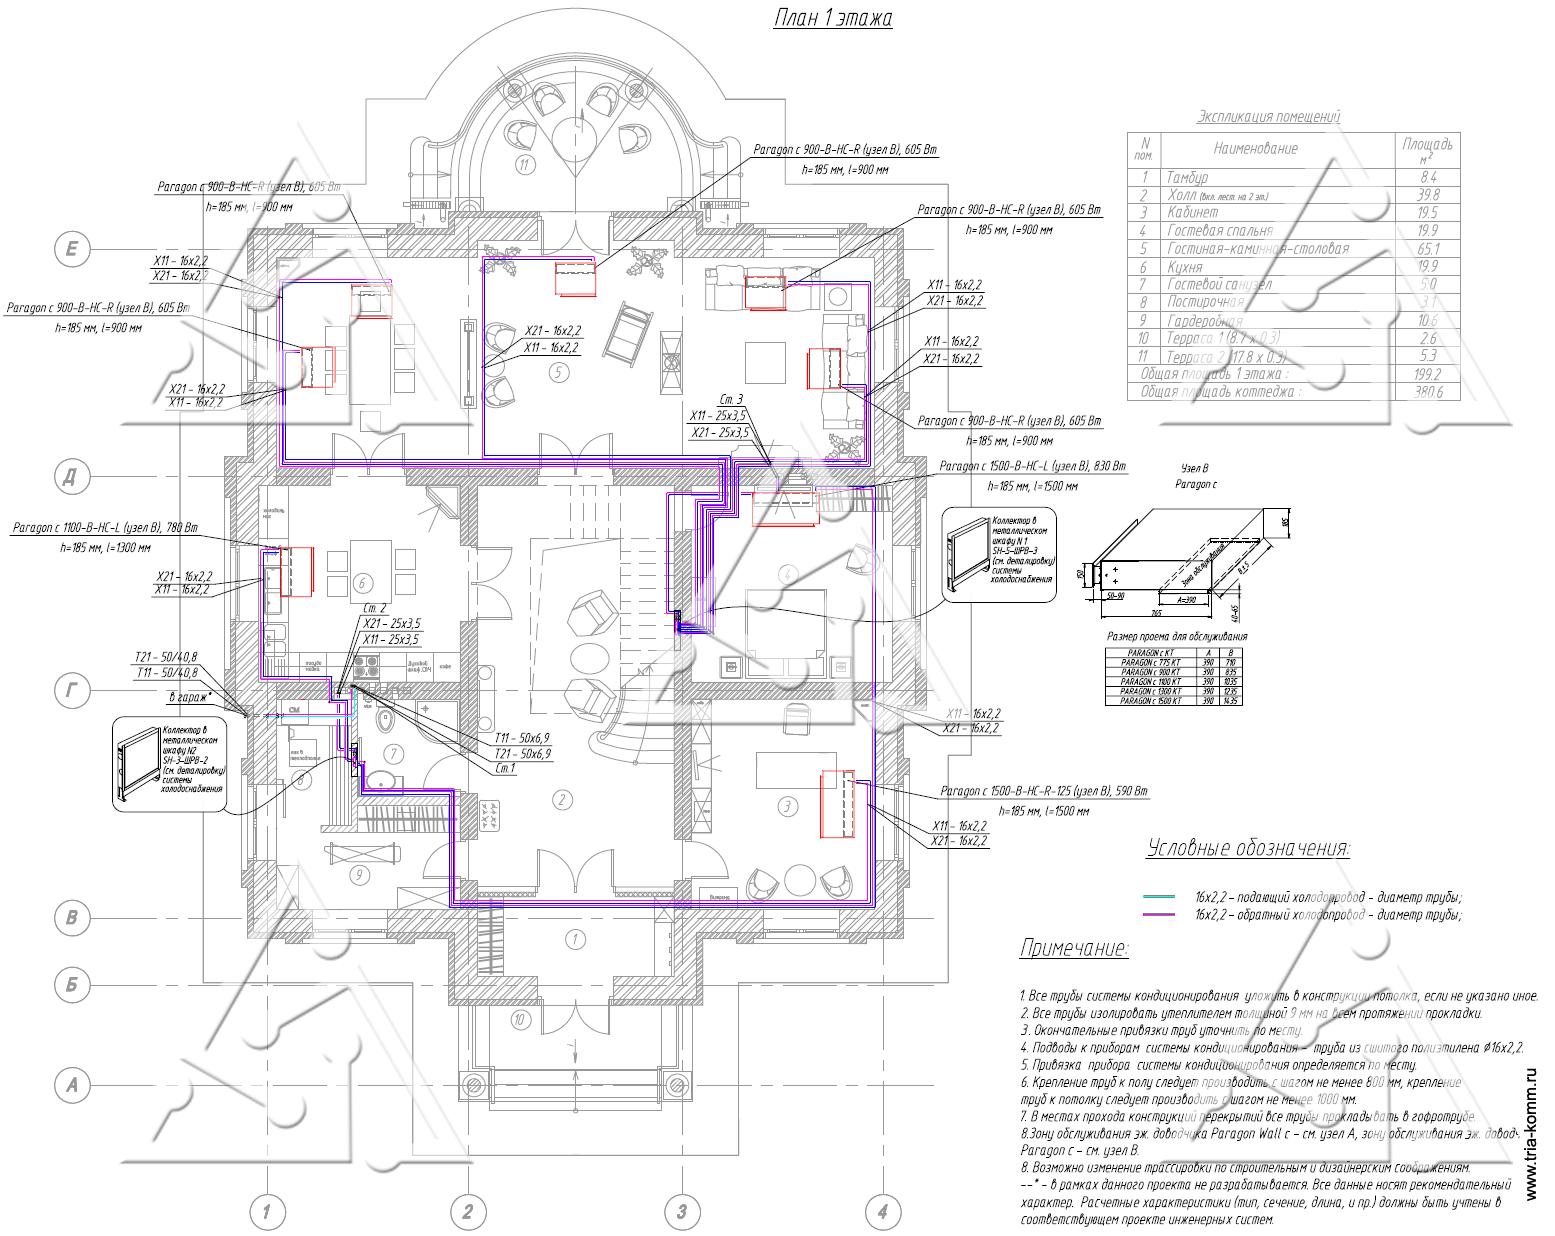 Вентиляция в коттедже своими руками: схемы, проекты, устройство